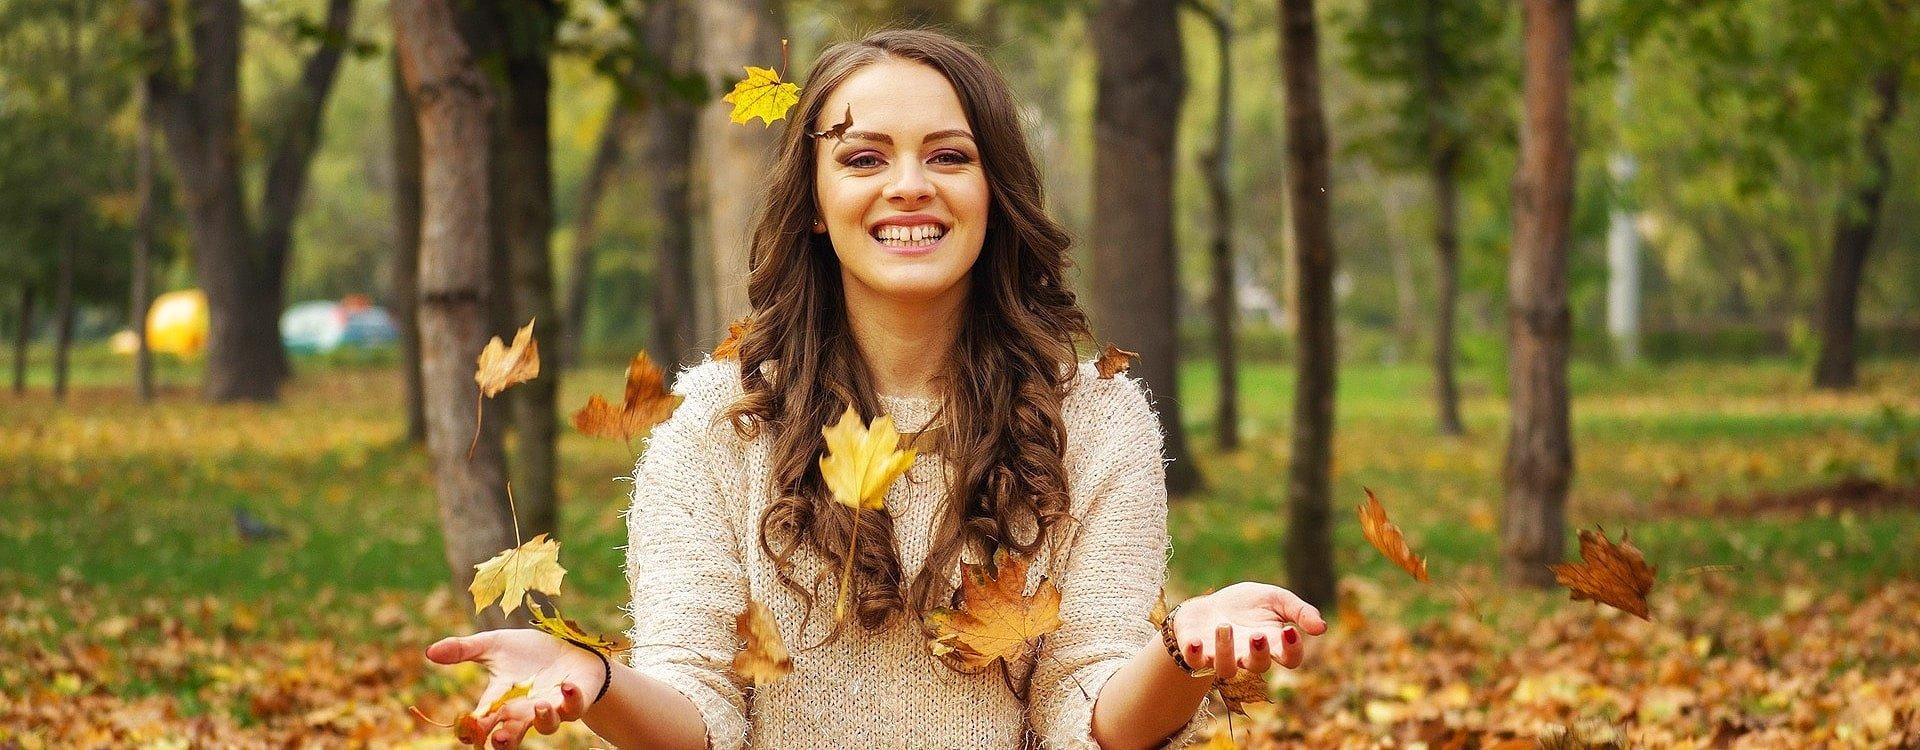 Jak przygotować się do jesieni? 5 witamin, które wzmocnią organizm